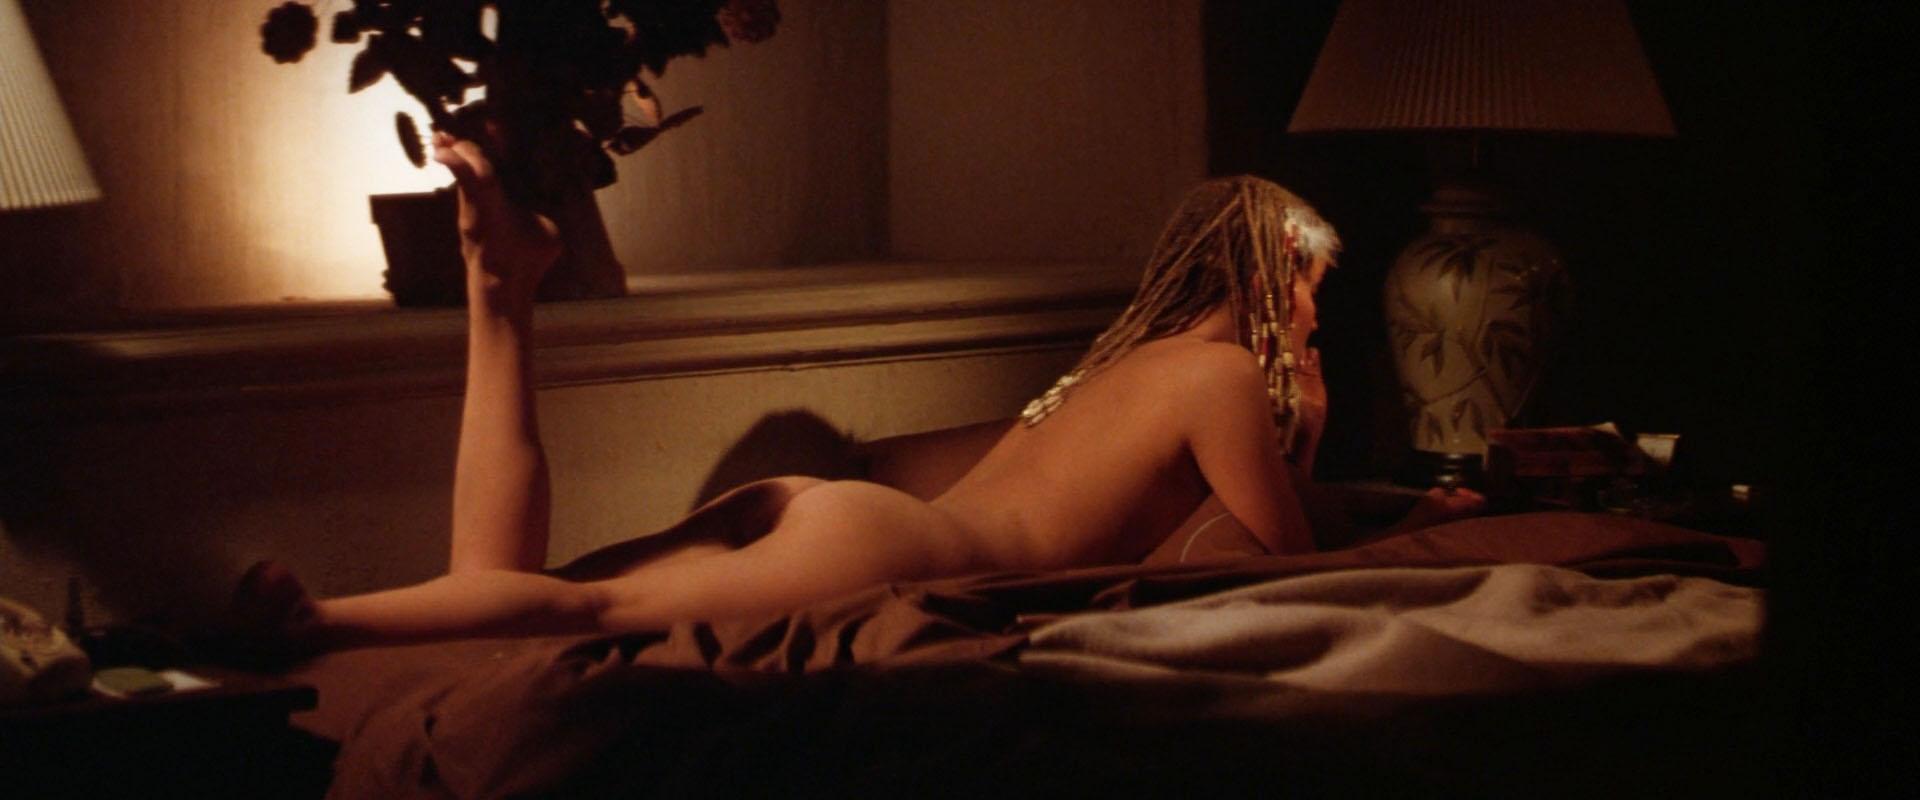 1979 Porn Movies watch online - bo derek – 10 (1979) hd 1080p